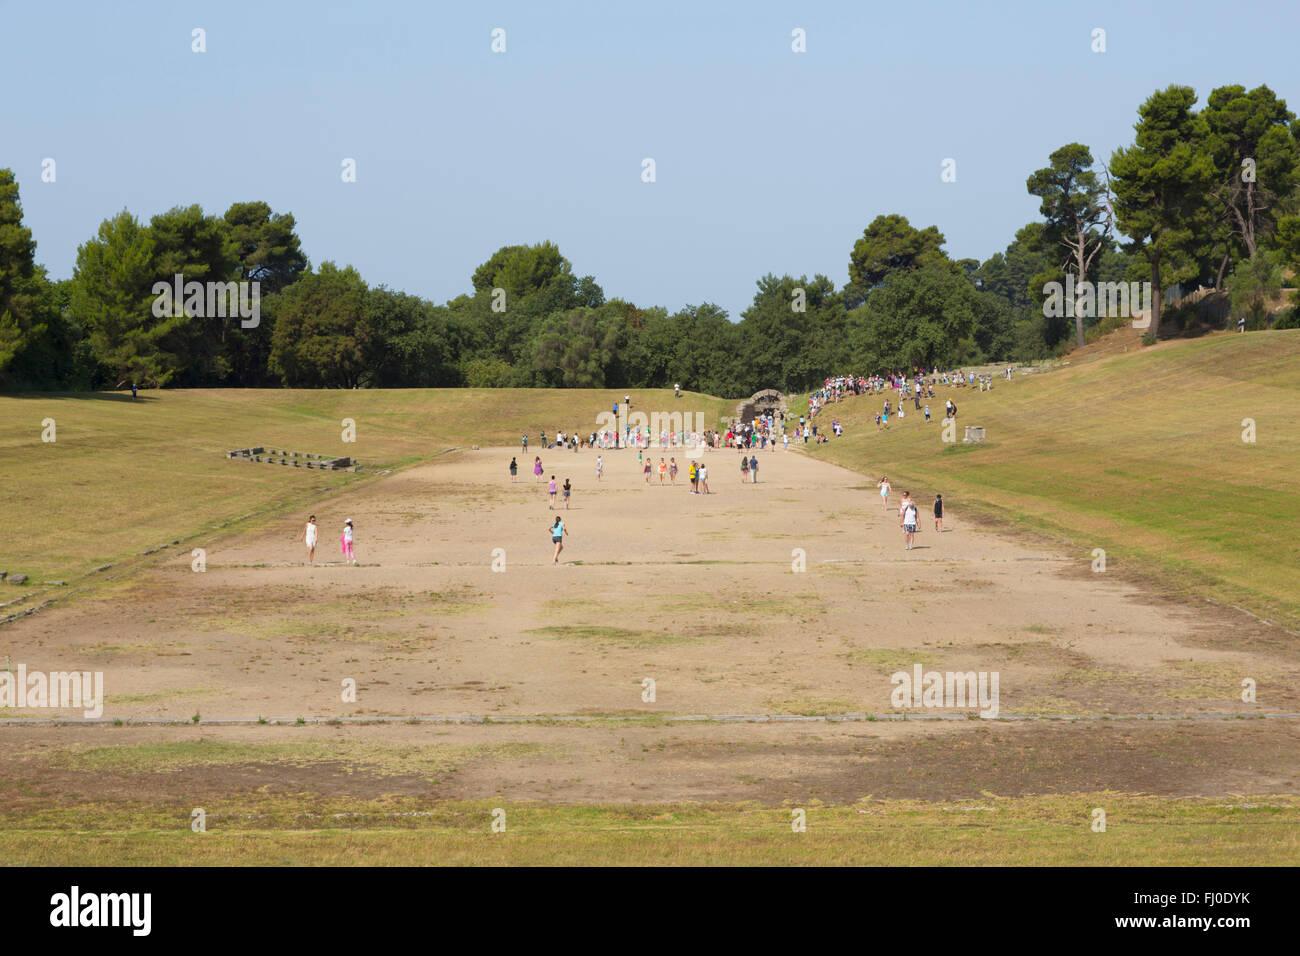 Olimpia, en el Peloponeso, Grecia. La antigua Olimpia. El estadio donde se celebraron eventos atléticos. Imagen De Stock